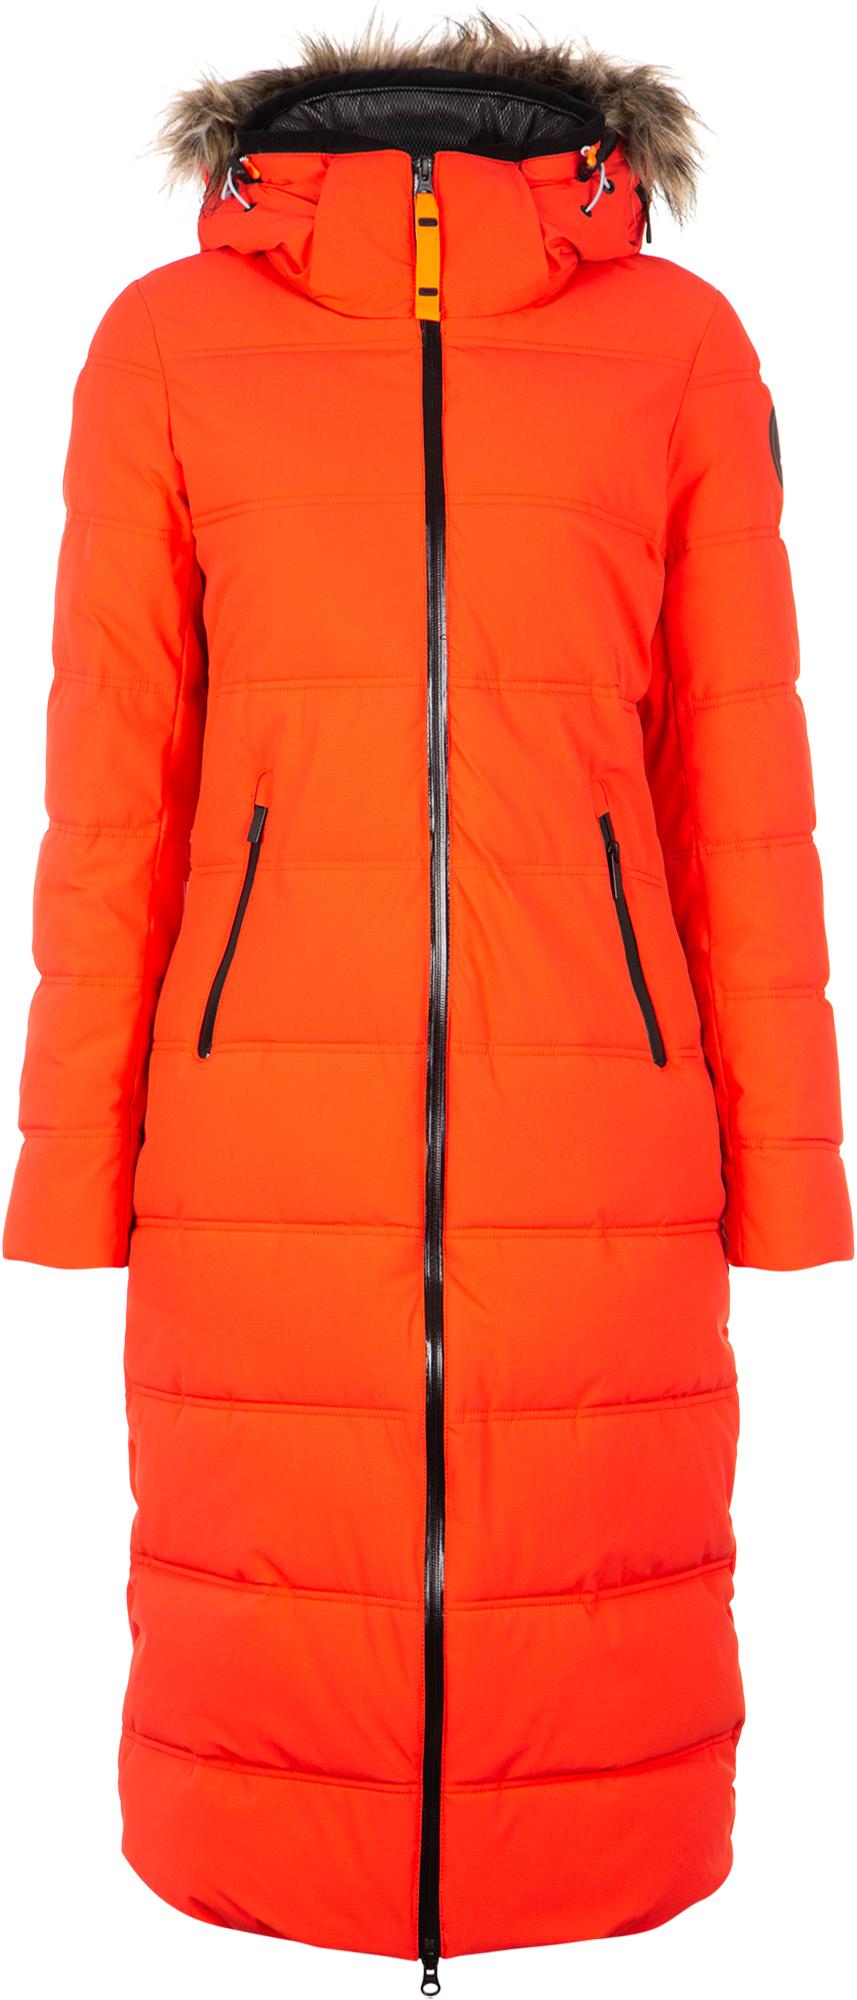 IcePeak Полупальто женское IcePeak Brilon, размер 50 женское шерстяное пальто